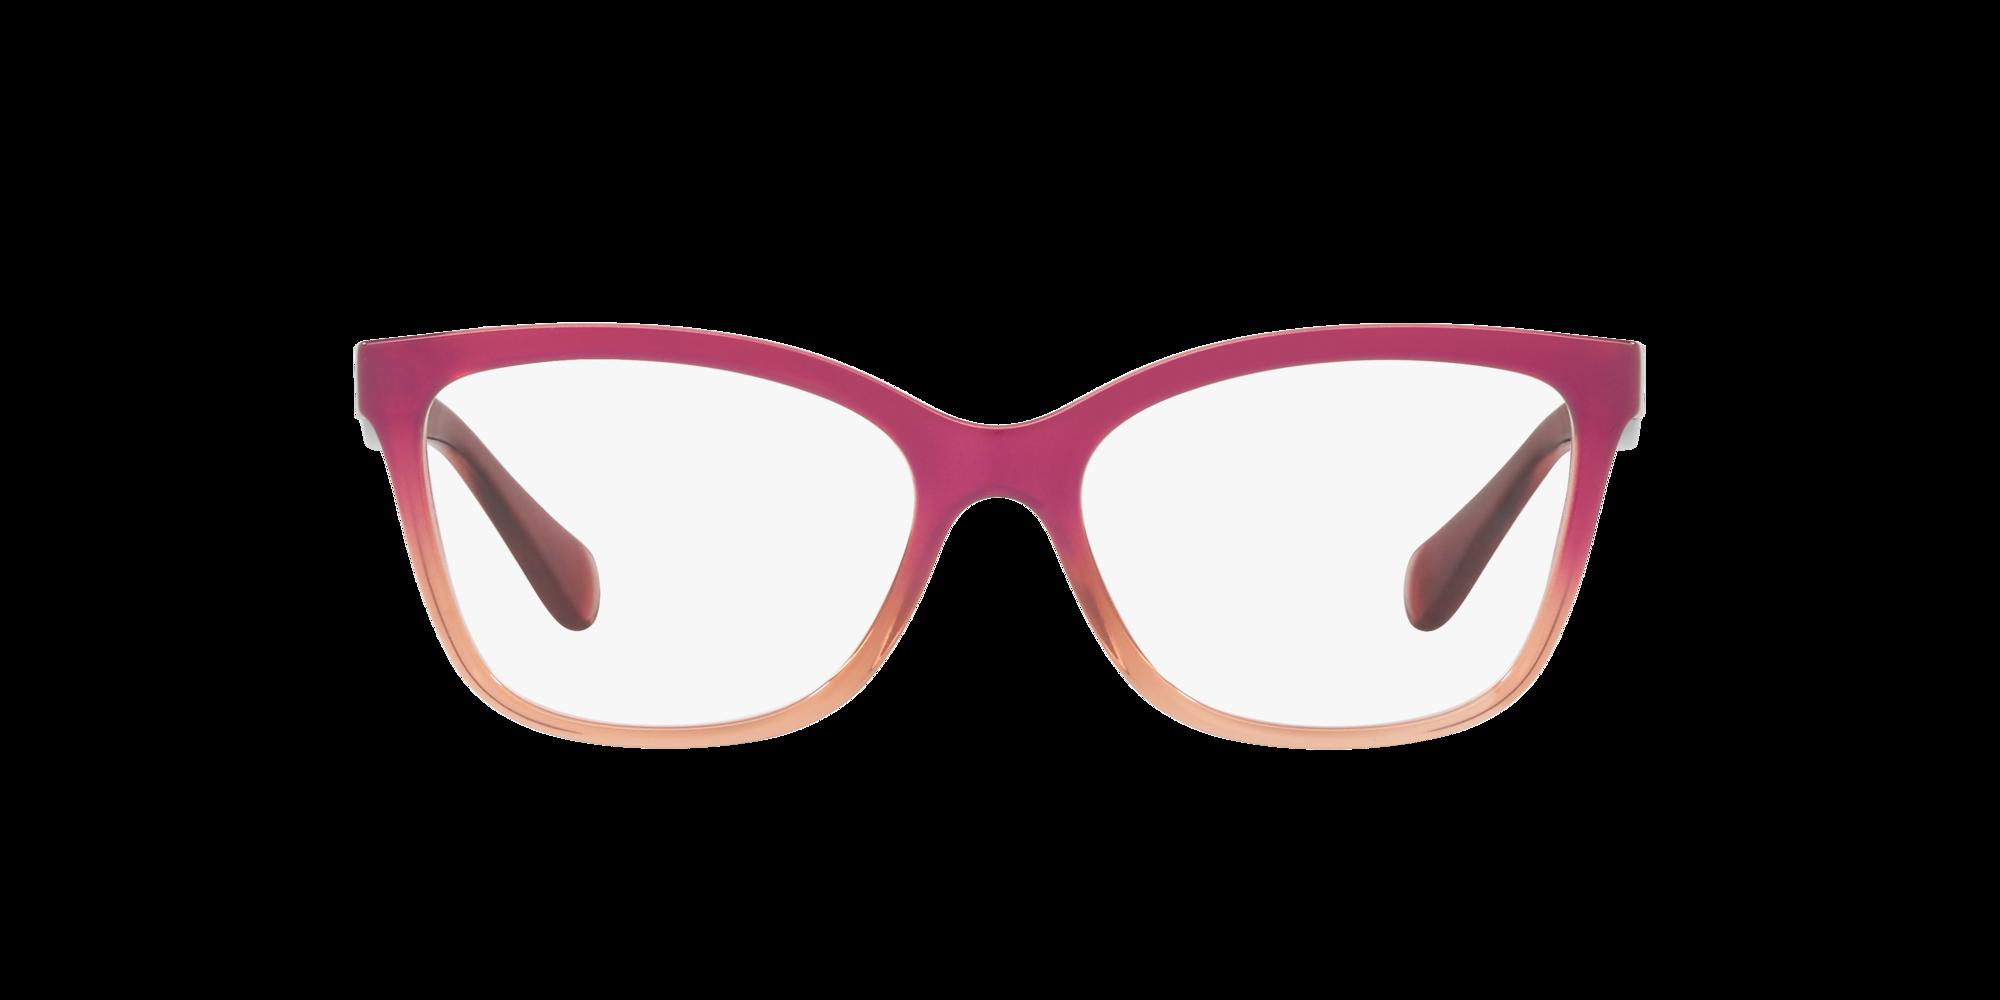 Imagen para RA7088 de LensCrafters |  Espejuelos, espejuelos graduados en línea, gafas